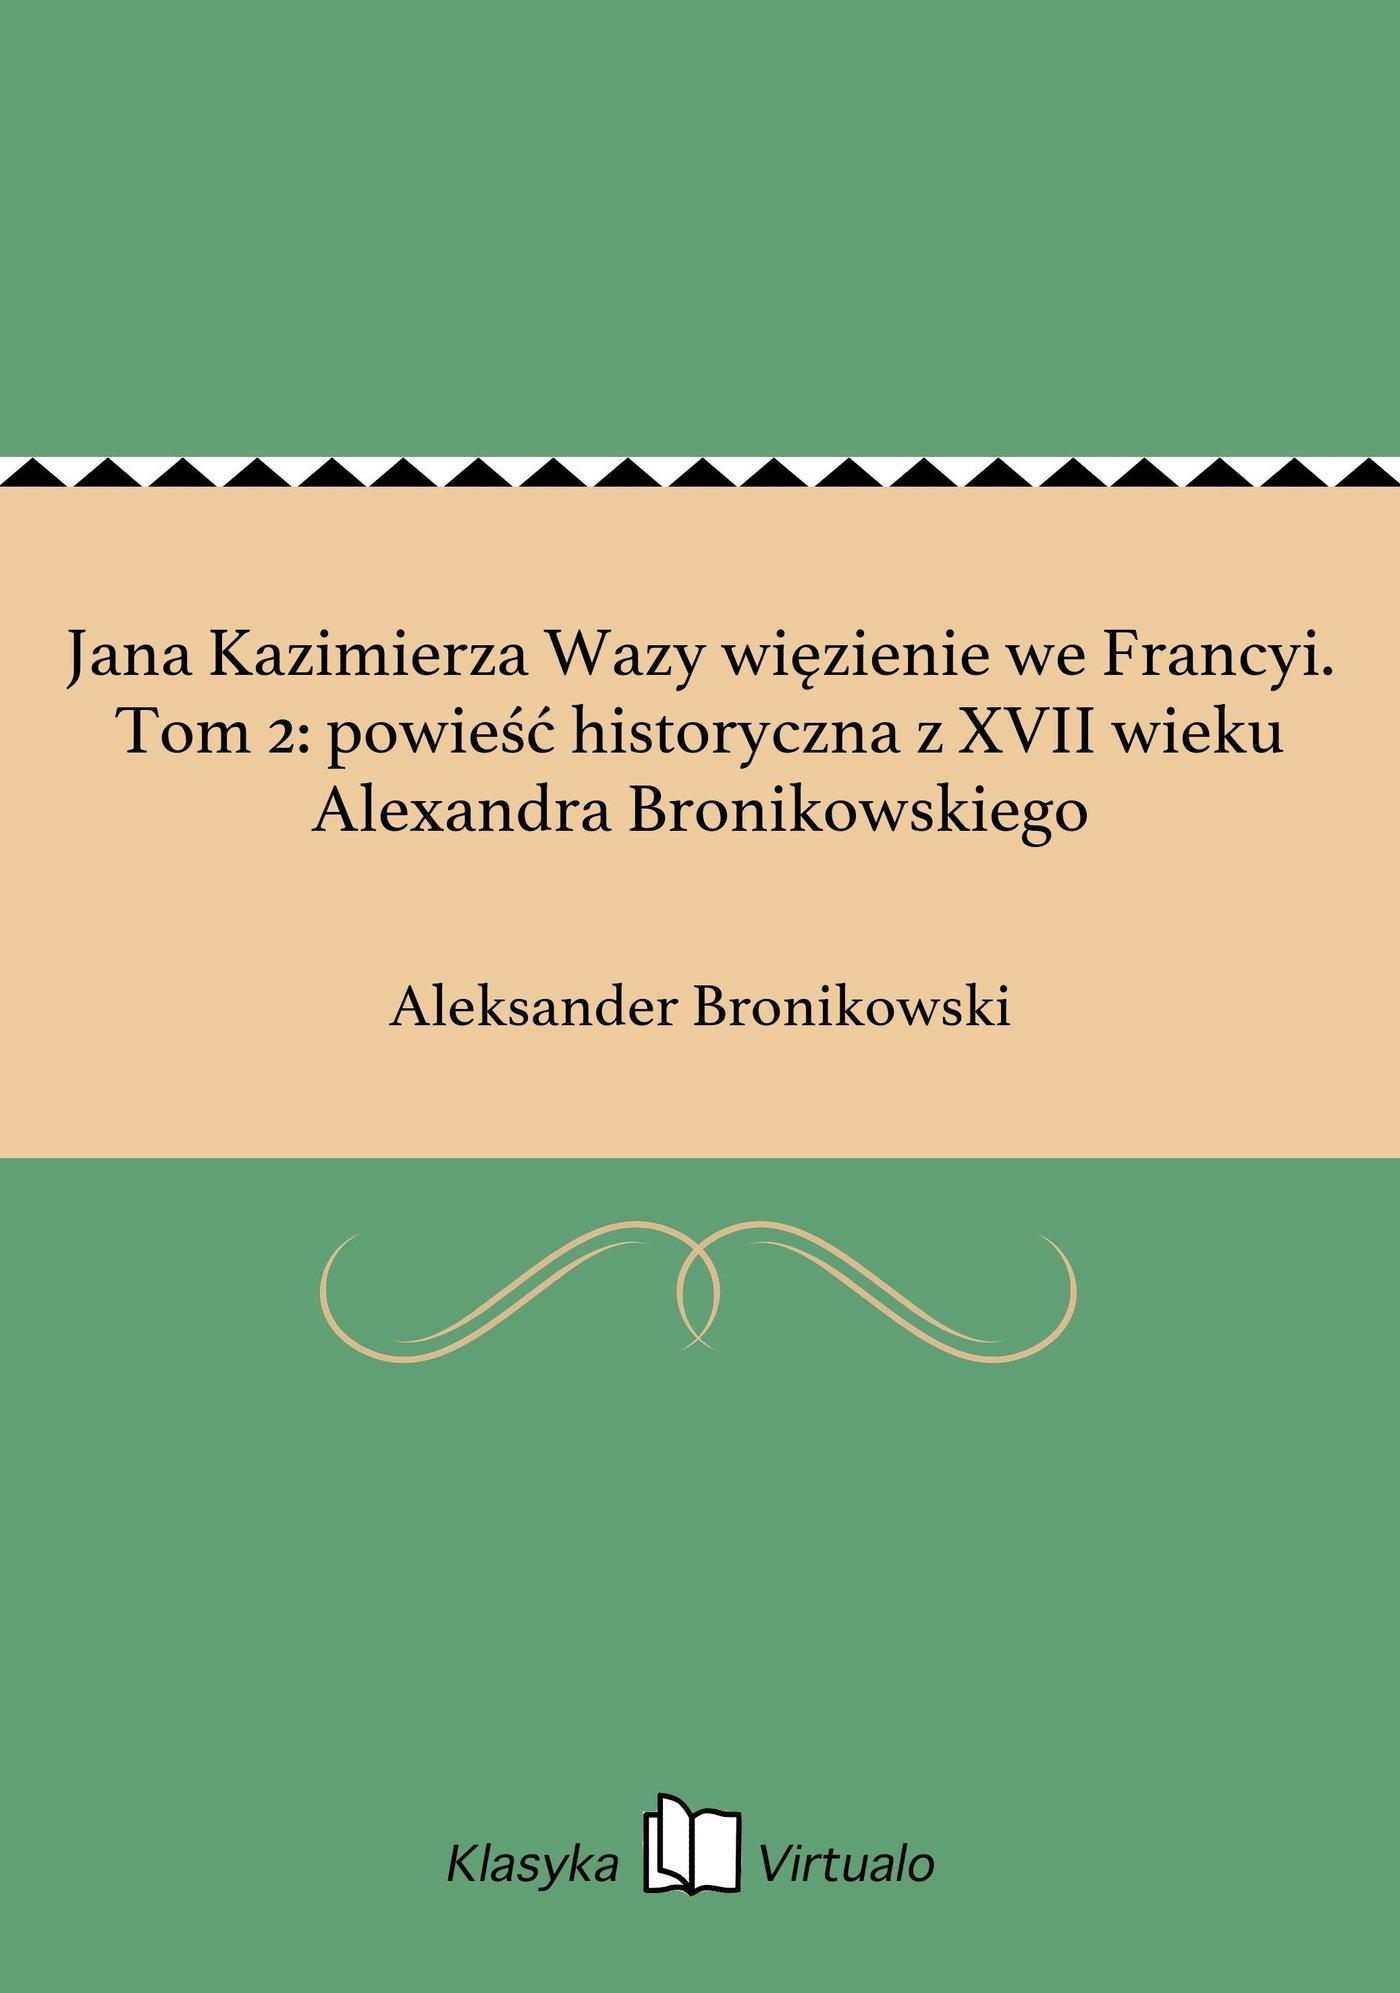 Jana Kazimierza Wazy więzienie we Francyi. Tom 2: powieść historyczna z XVII wieku Alexandra Bronikowskiego - Ebook (Książka EPUB) do pobrania w formacie EPUB